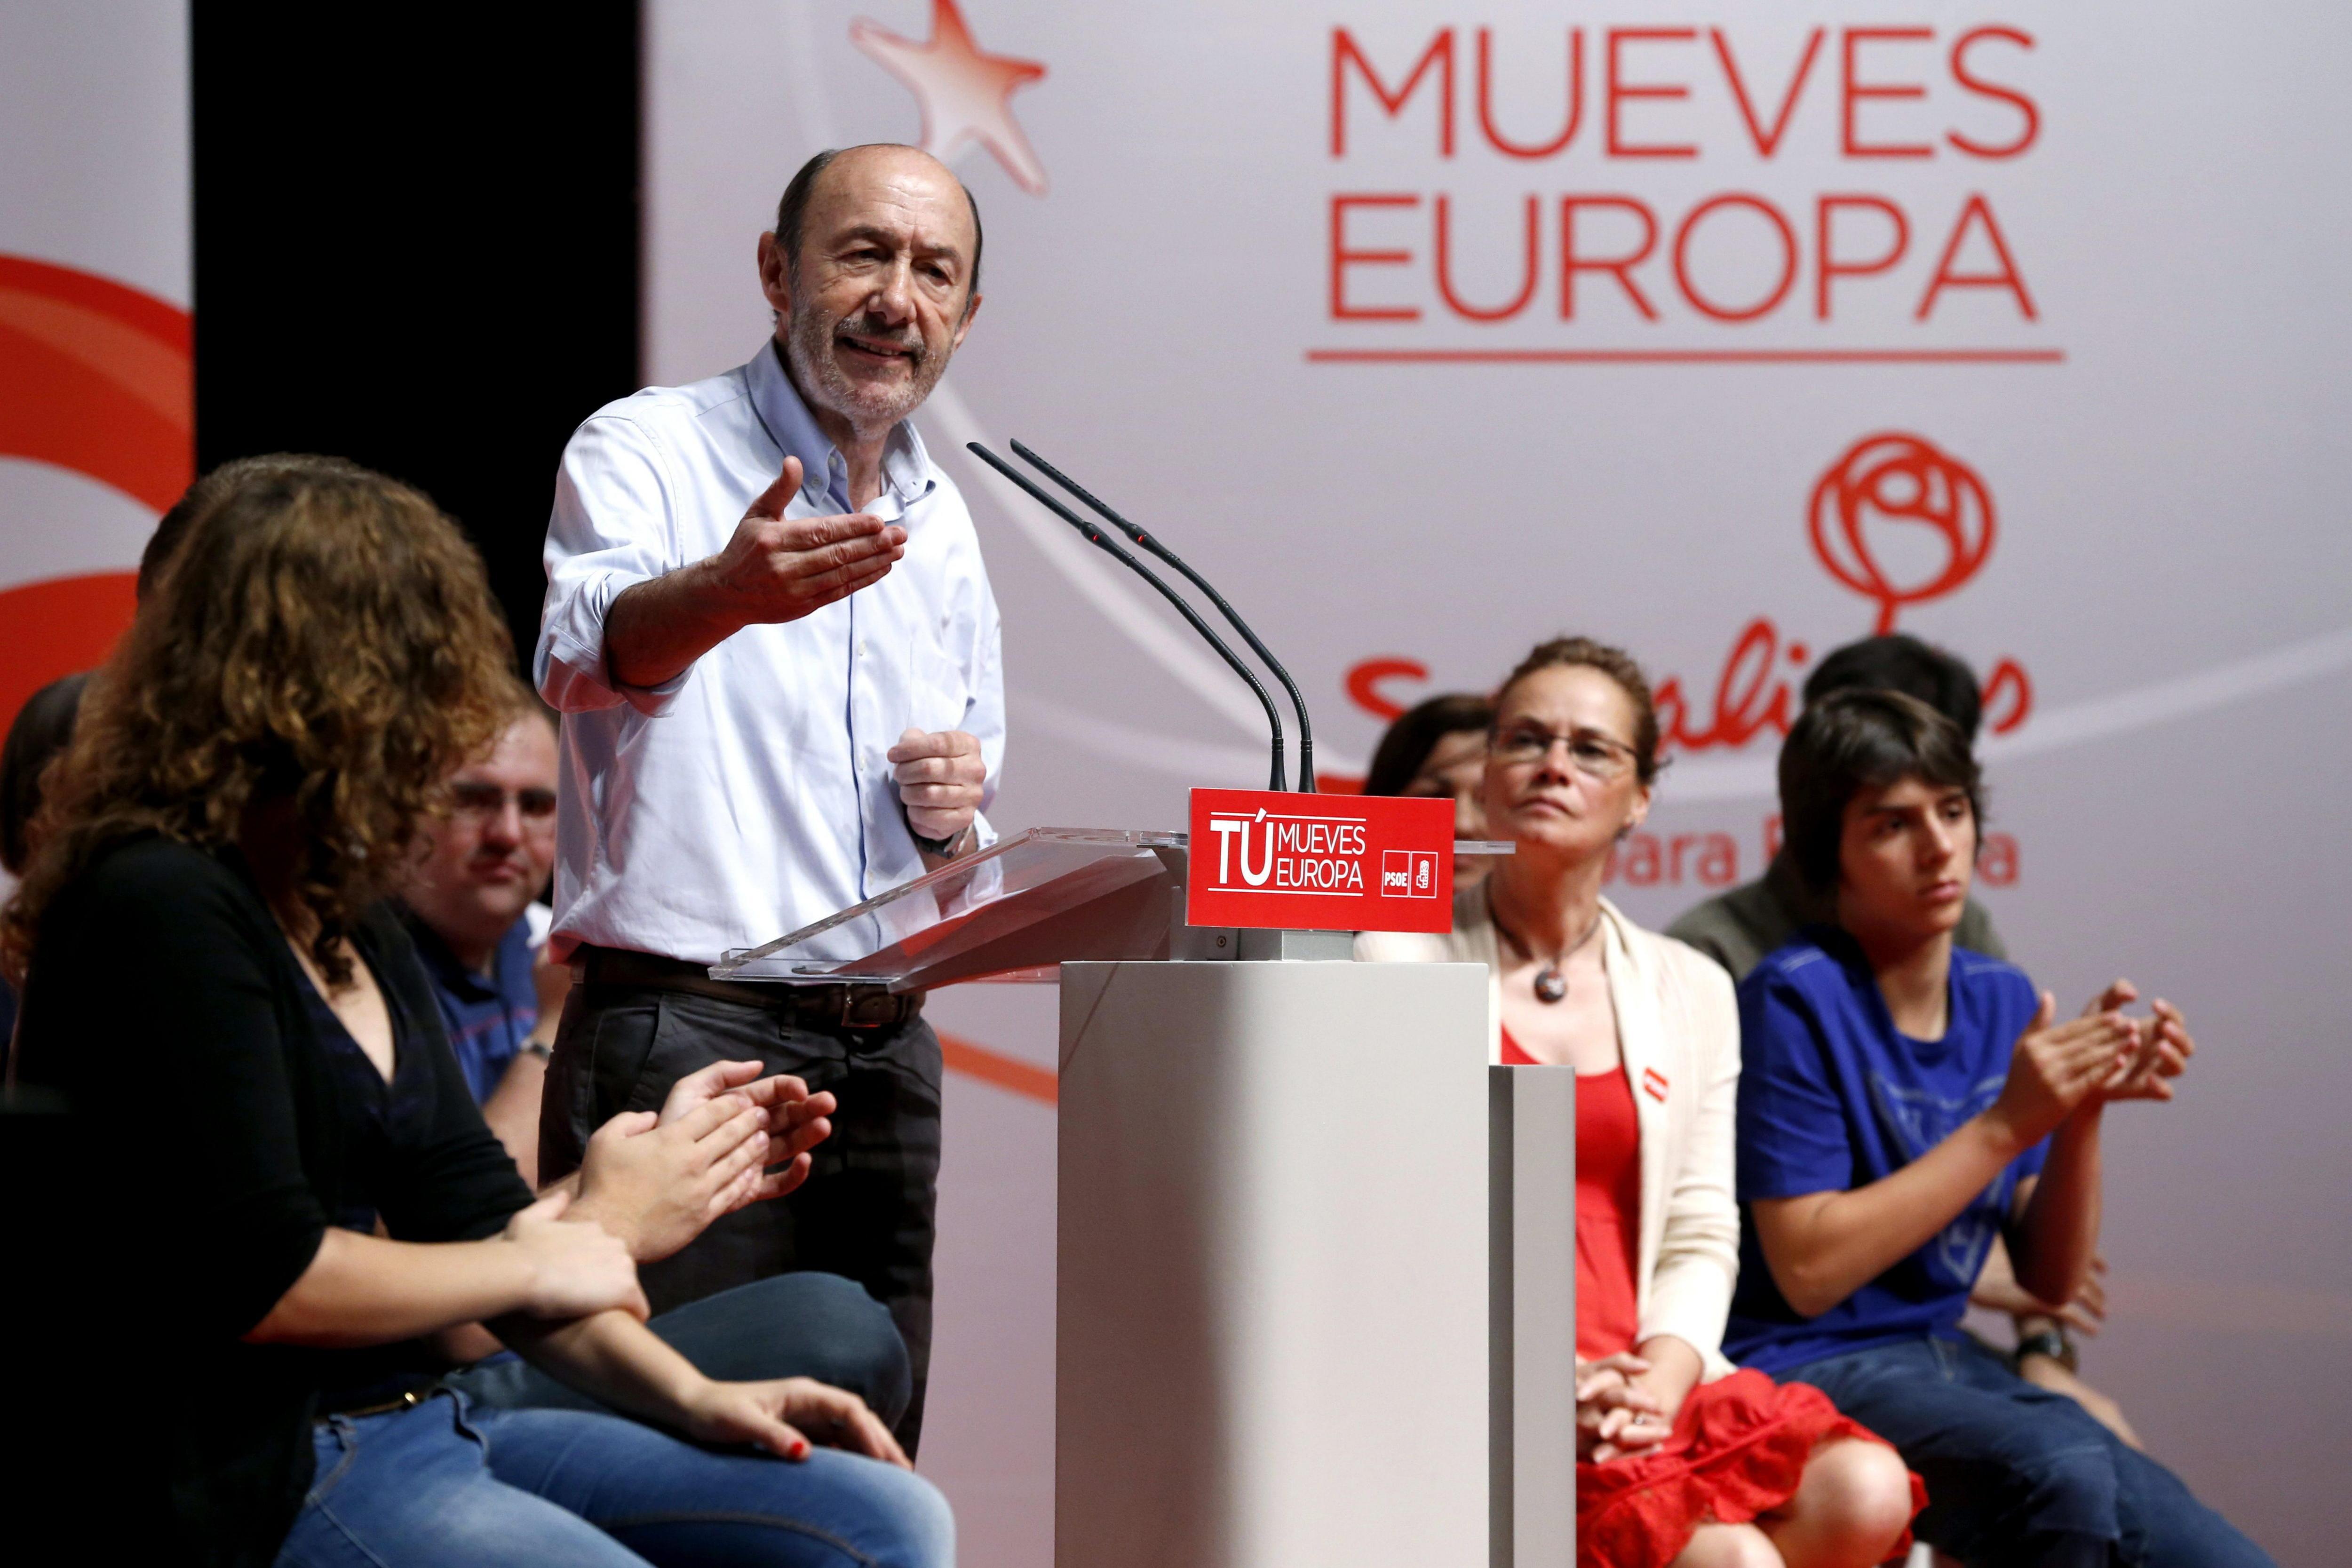 El PSOE pide a González Pons que explique en TVE «las cuentas suizas» del PP